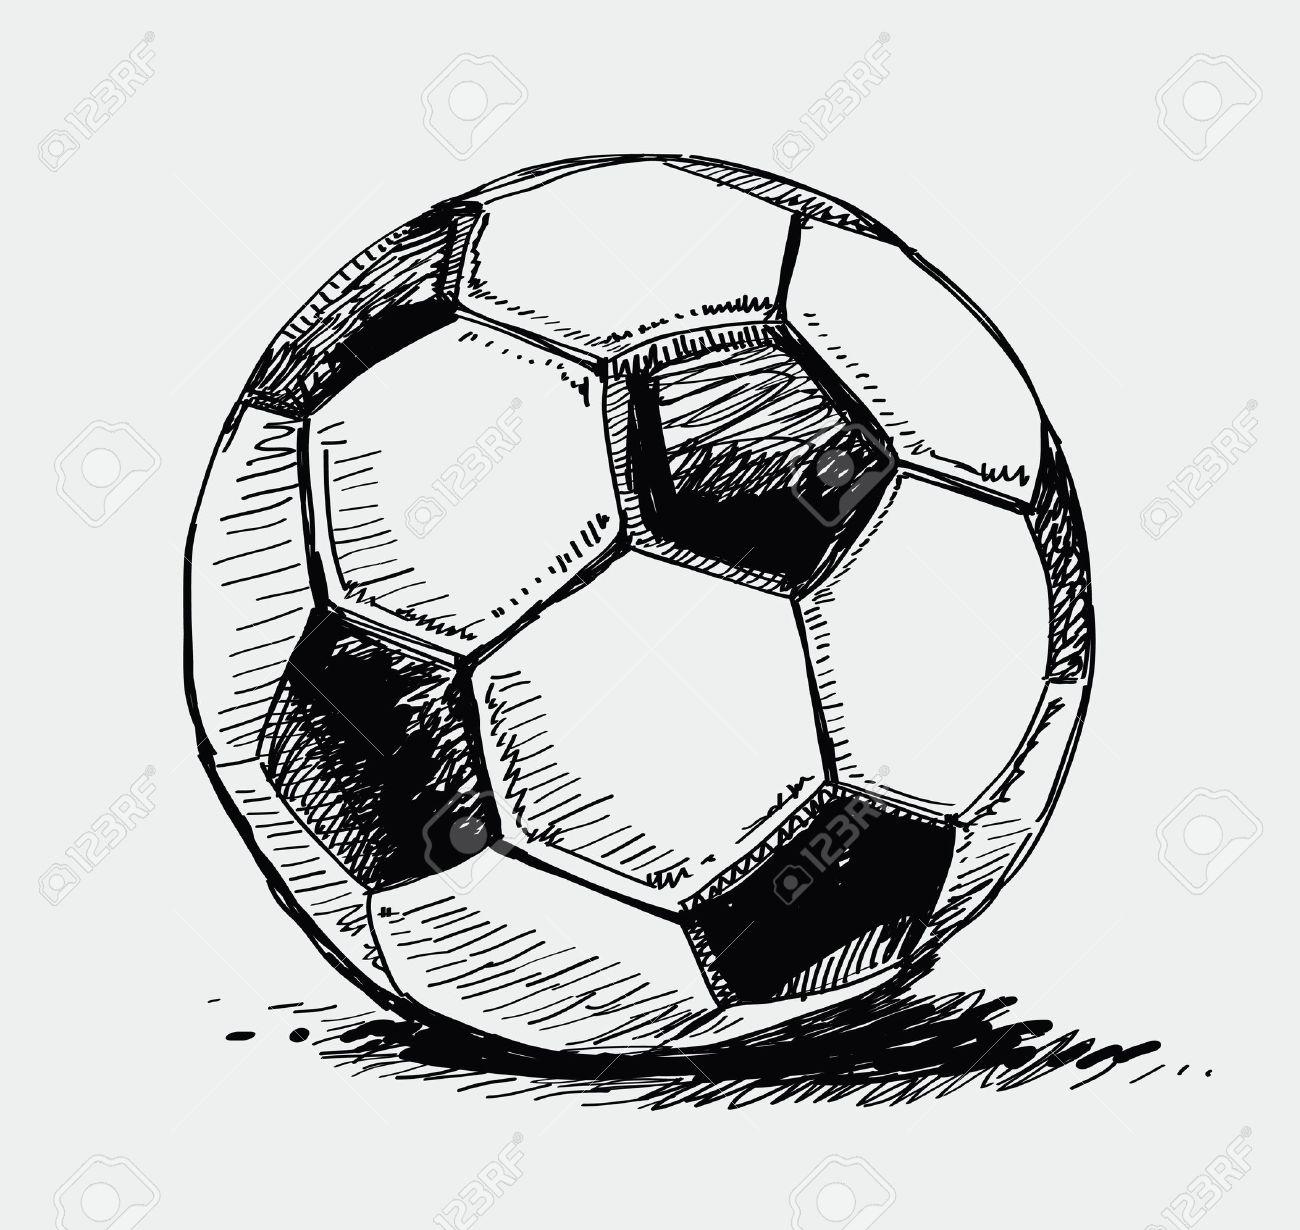 Soccer ball - 10421860